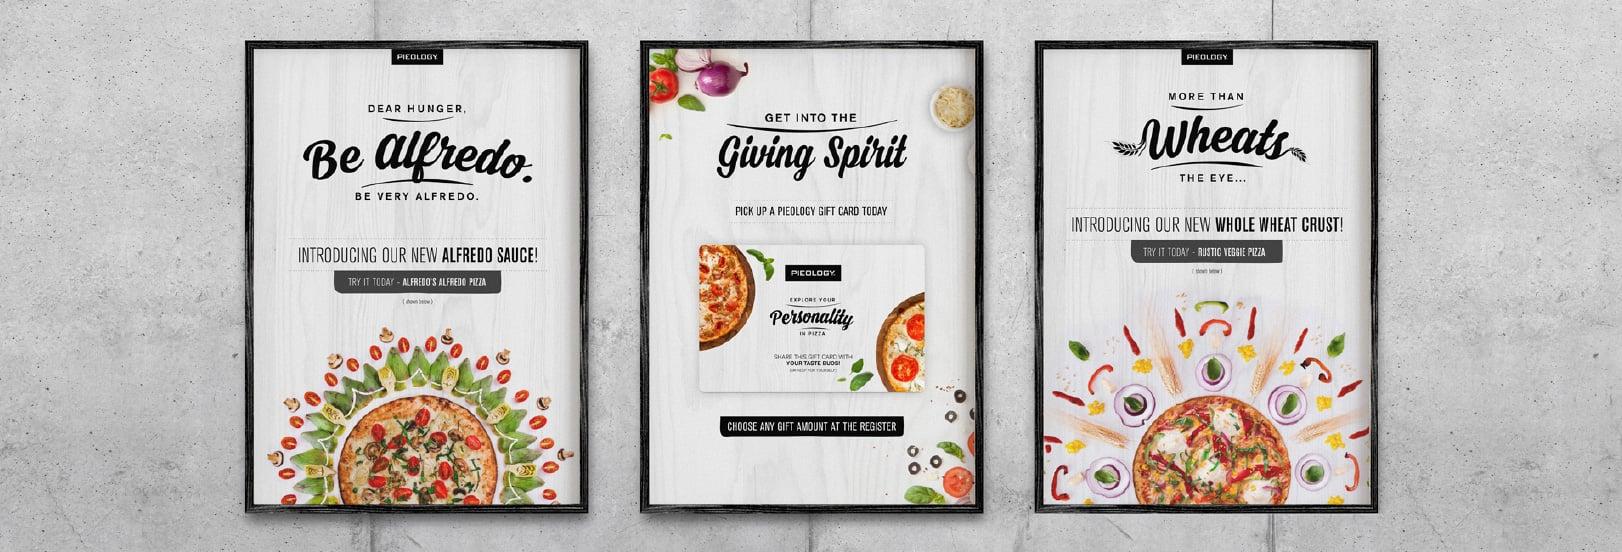 restaurant rebranding design sample